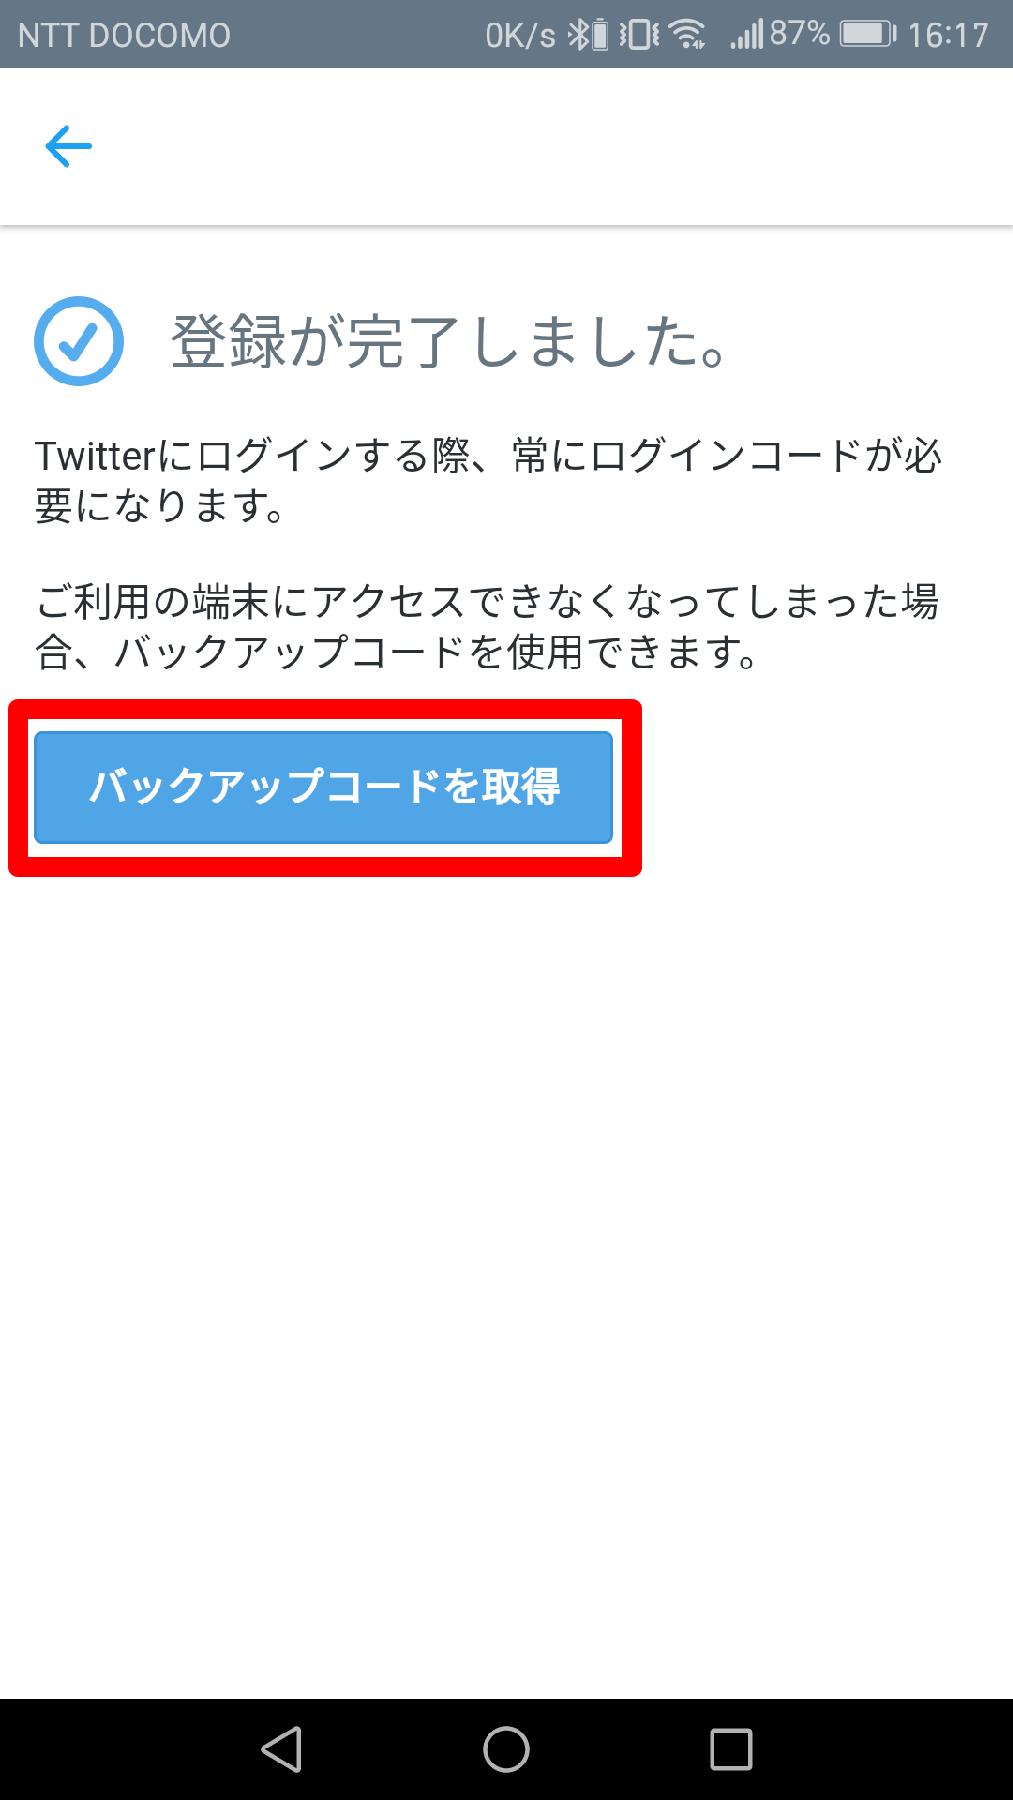 Twitter(ツイッター)の[登録が完了しました]画面